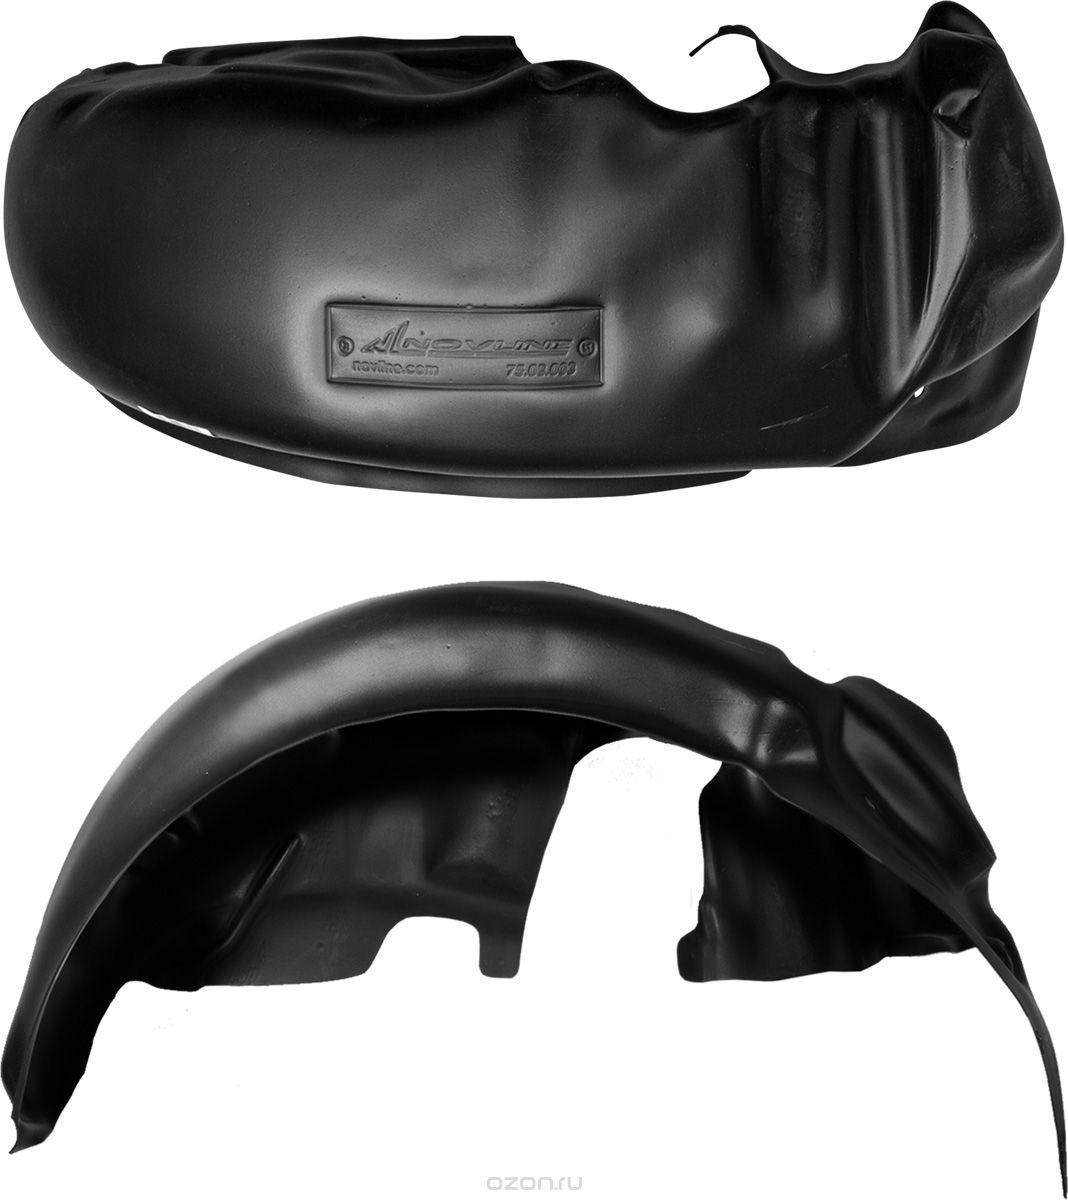 Подкрылок Novline-Autofamily, для Toyota Corolla, 2013->, задний правыйNLL.48.57.004Идеальная защита колесной ниши. Локеры разработаны с применением цифровых технологий, гарантируют максимальную повторяемость поверхности арки. Изделия устанавливаются без нарушения лакокрасочного покрытия автомобиля, каждый подкрылок комплектуется крепежом. Уважаемые клиенты, обращаем ваше внимание, что фотографии на подкрылки универсальные и не отражают реальную форму изделия. При этом само изделие идет точно под размер указанного автомобиля.